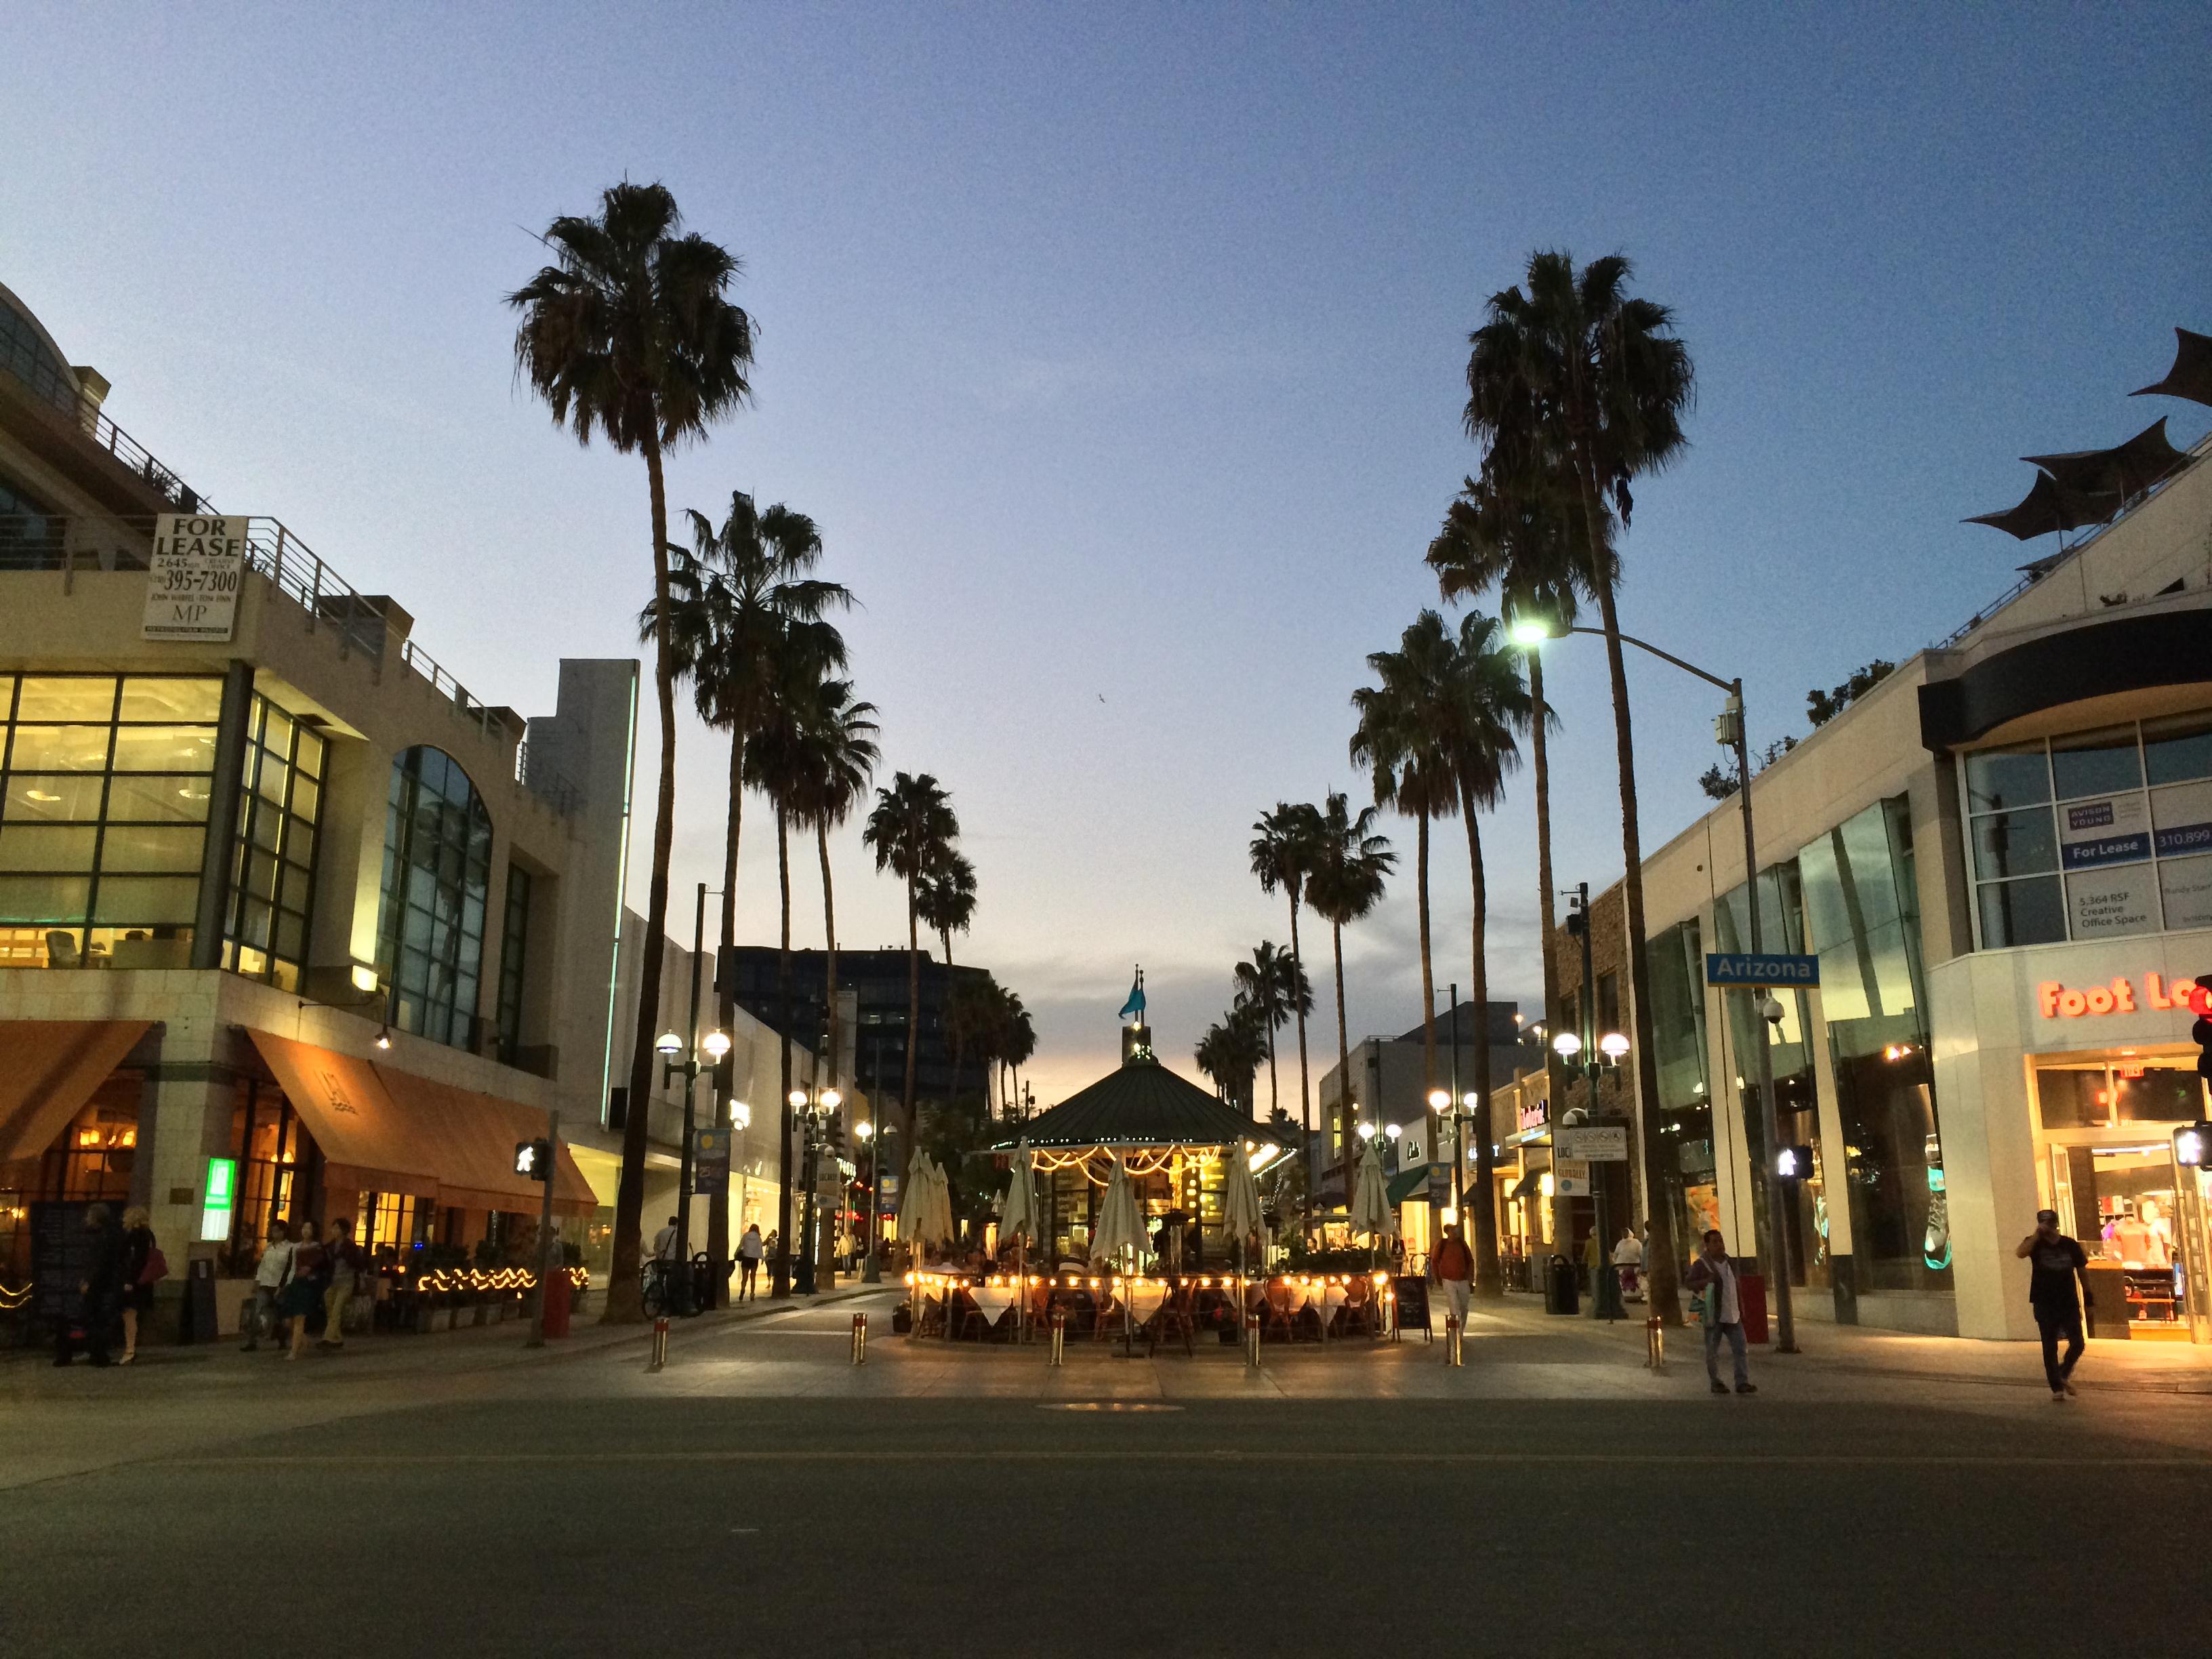 ロサンゼルス。男子向けオススメ観光スポット(と、いうかココしか行きたいところが無かった)